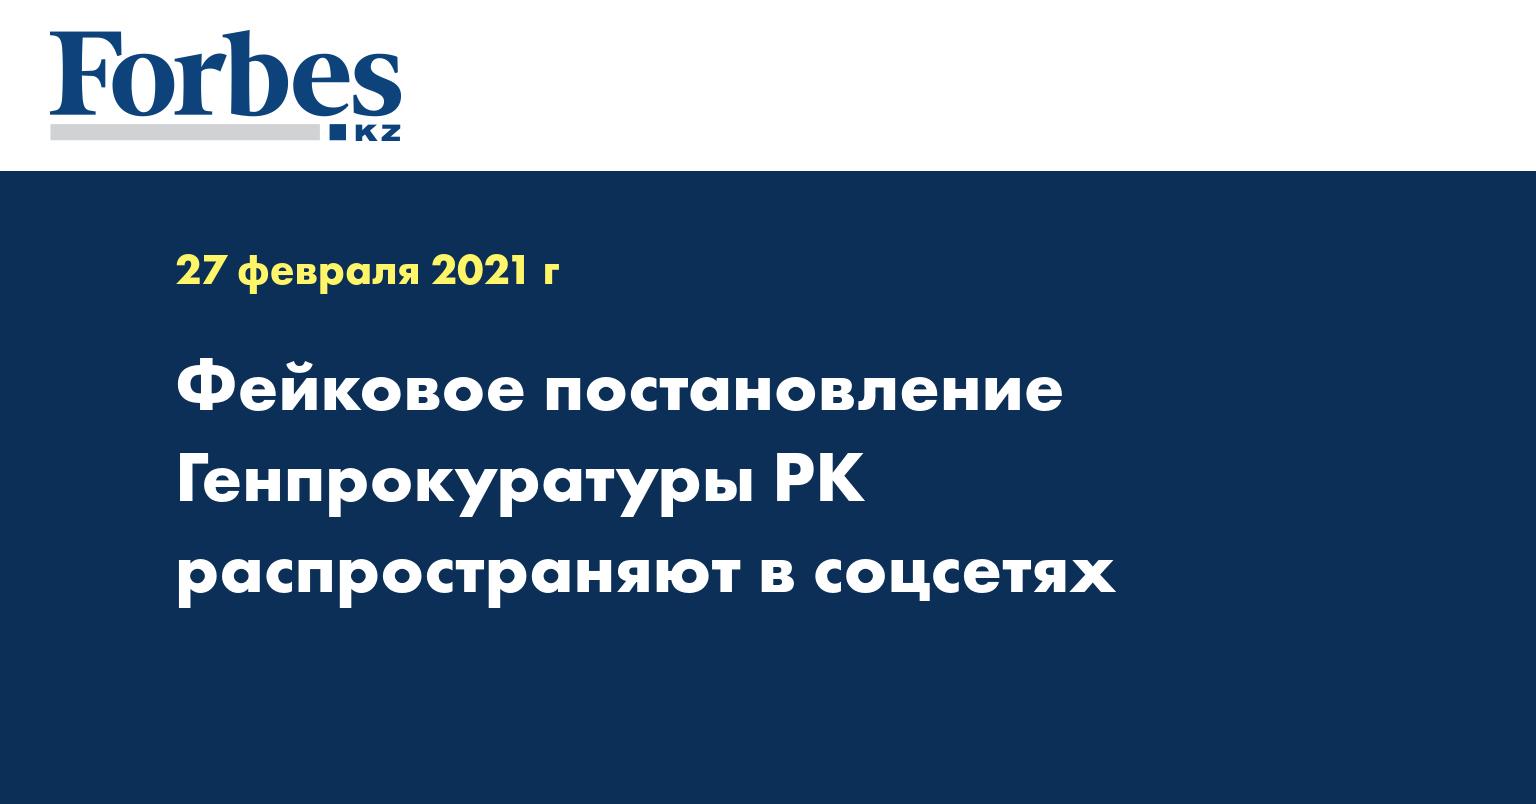 Фейковое постановление Генпрокуратуры РК распространяют в соцсетях